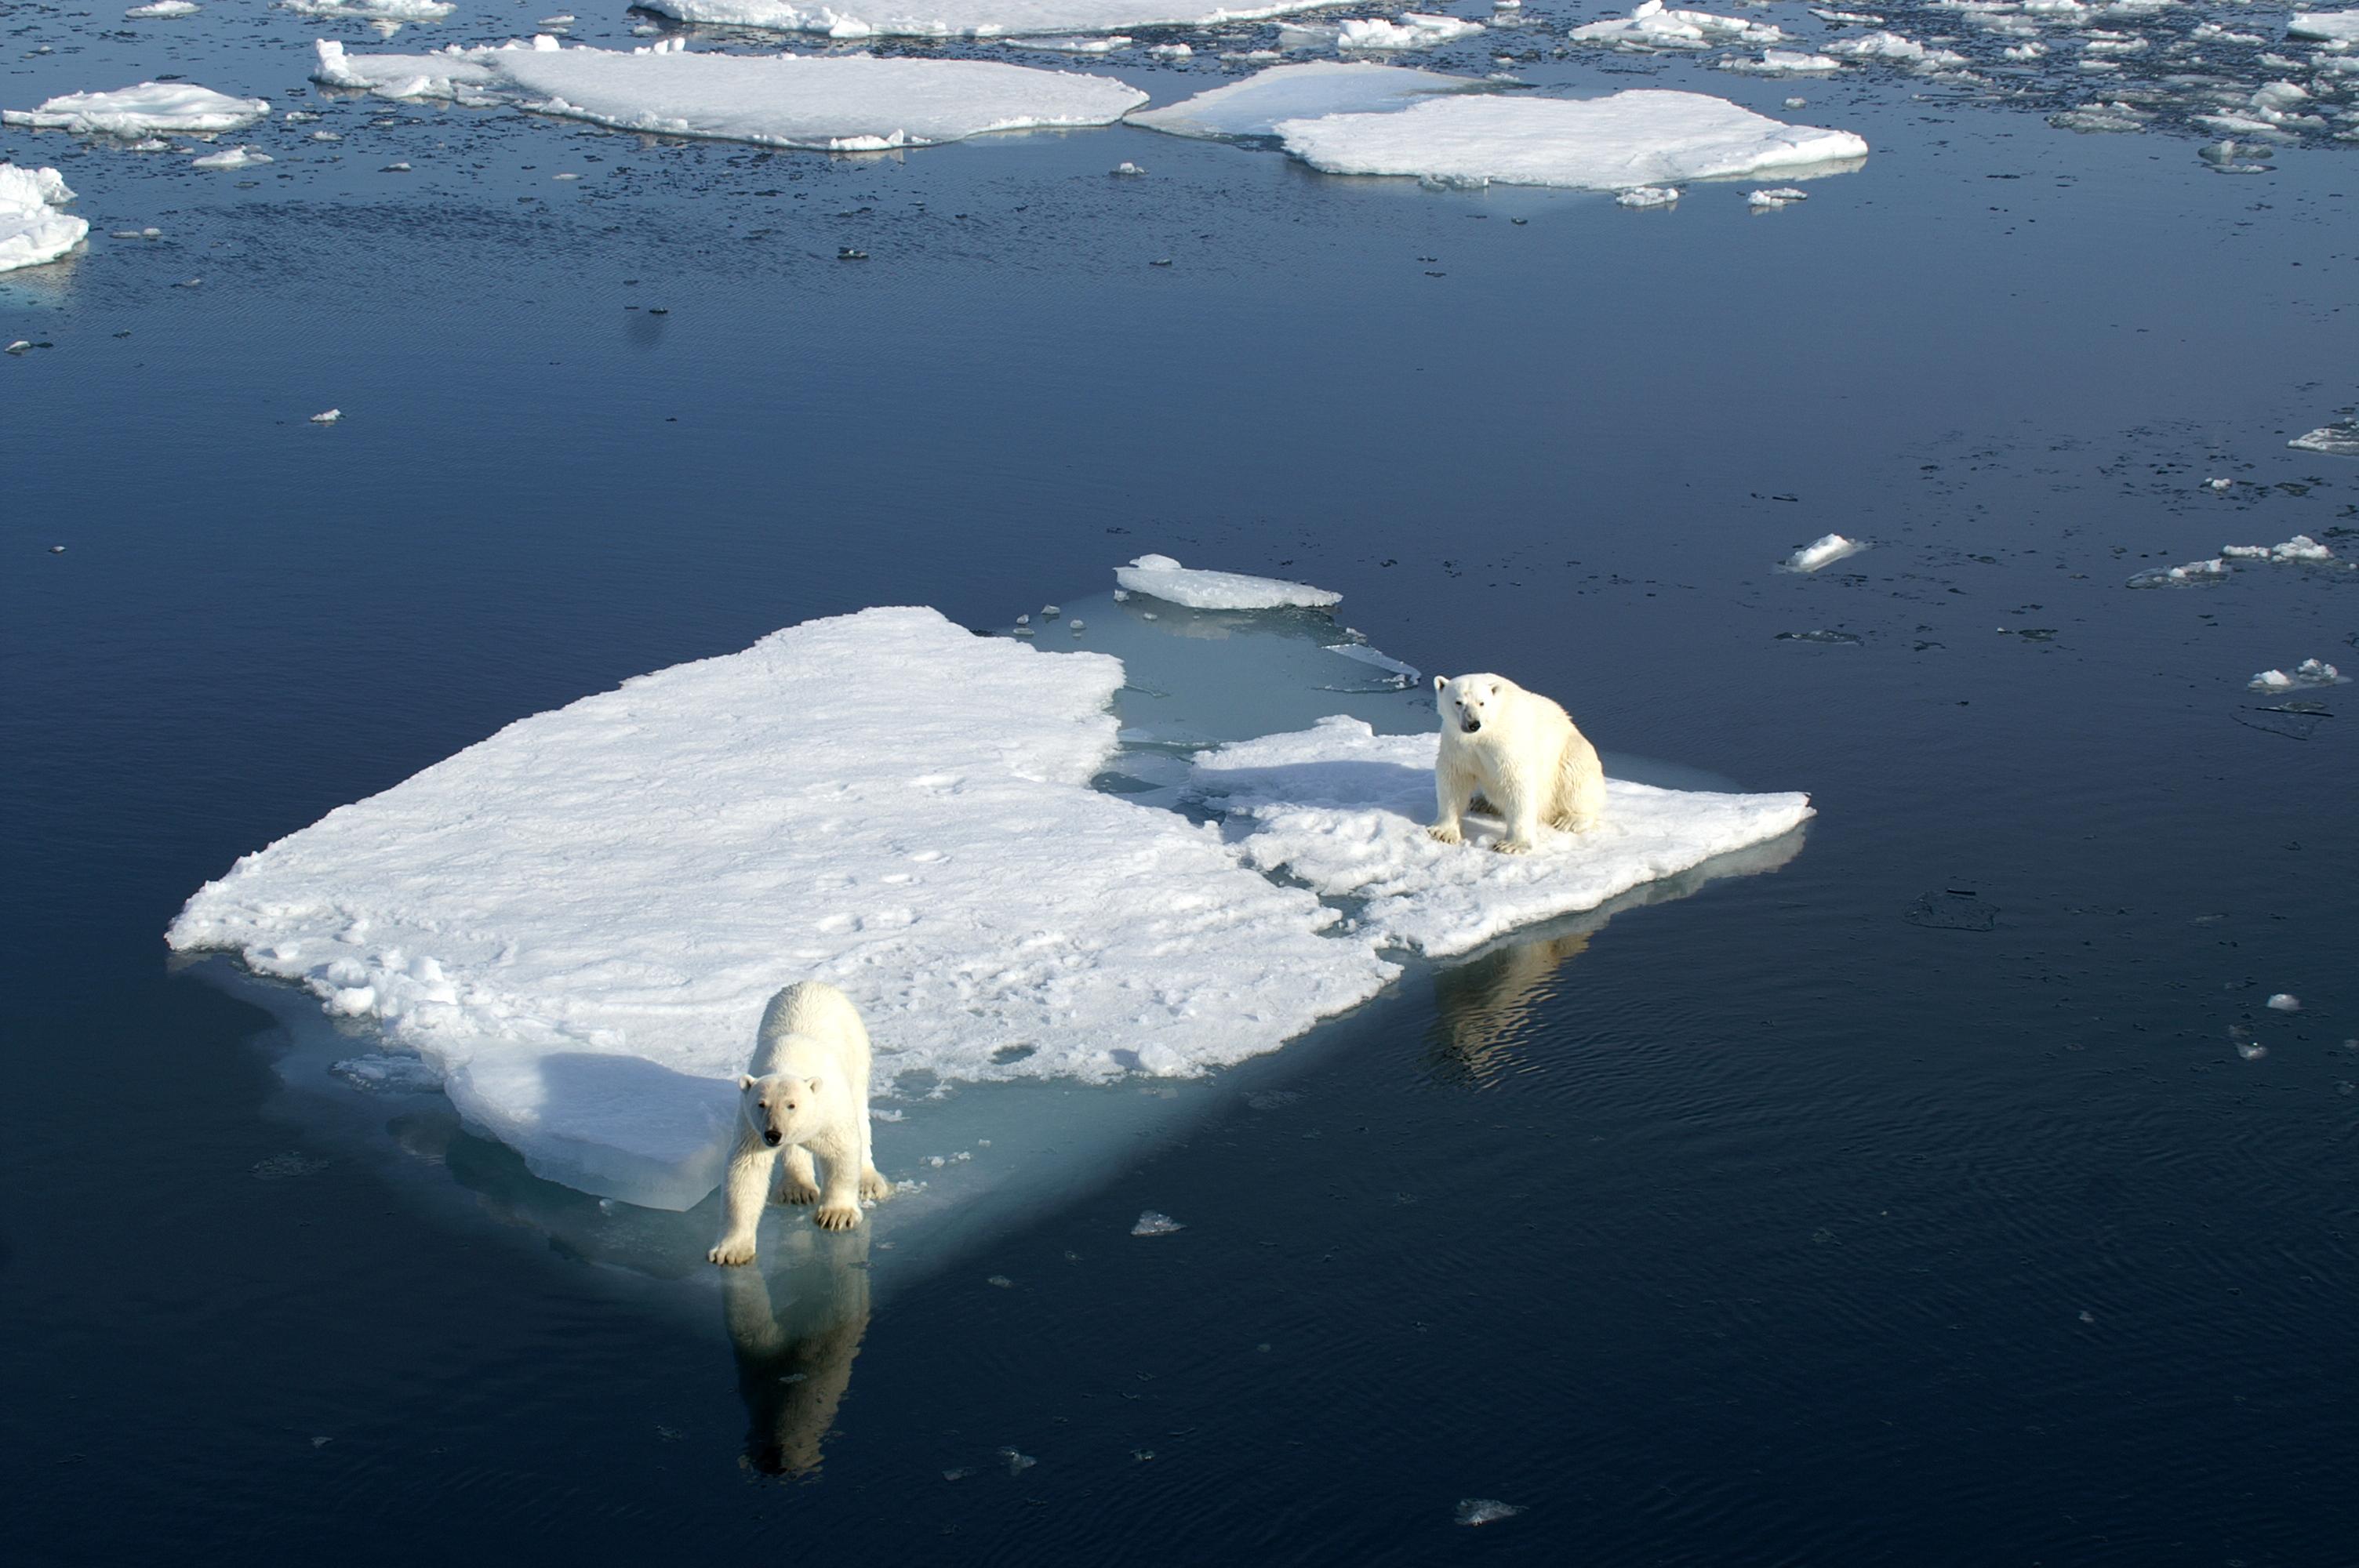 Des températures positives au Pôle Nord au lieu des -20 degrés habituels